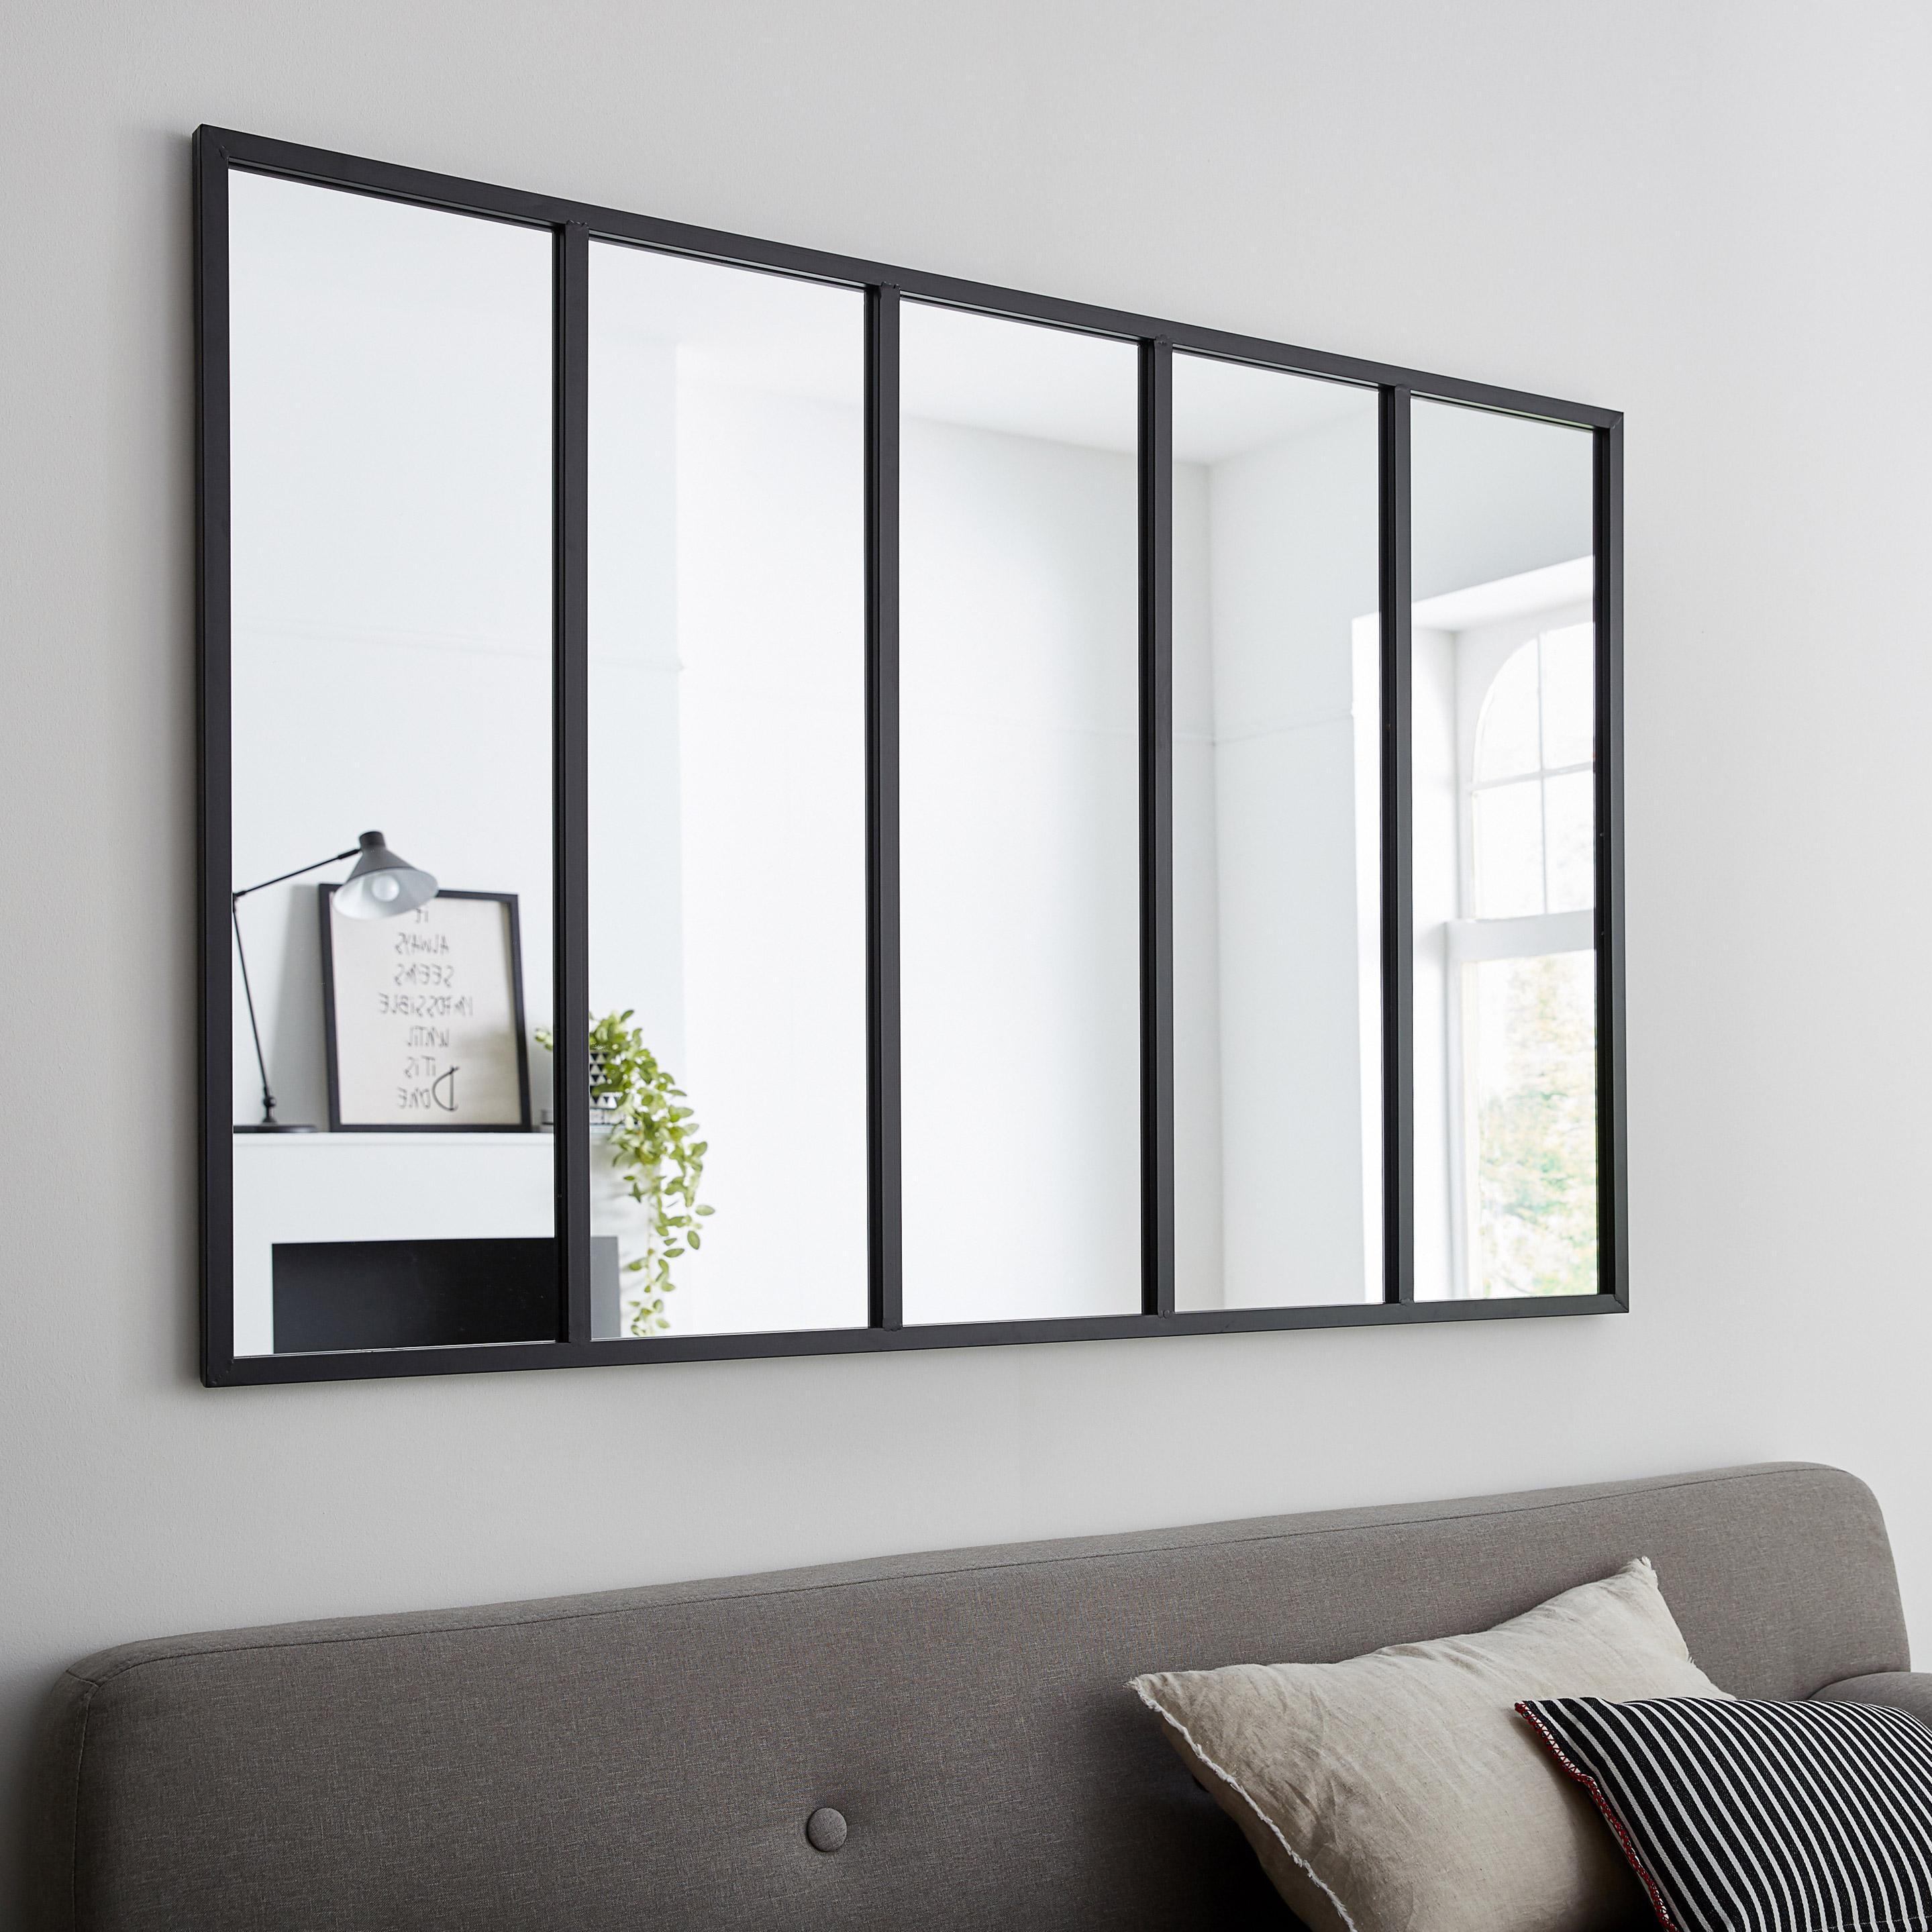 Miroir rectangulaire Atelier, noir, l.140 x H.90 cm